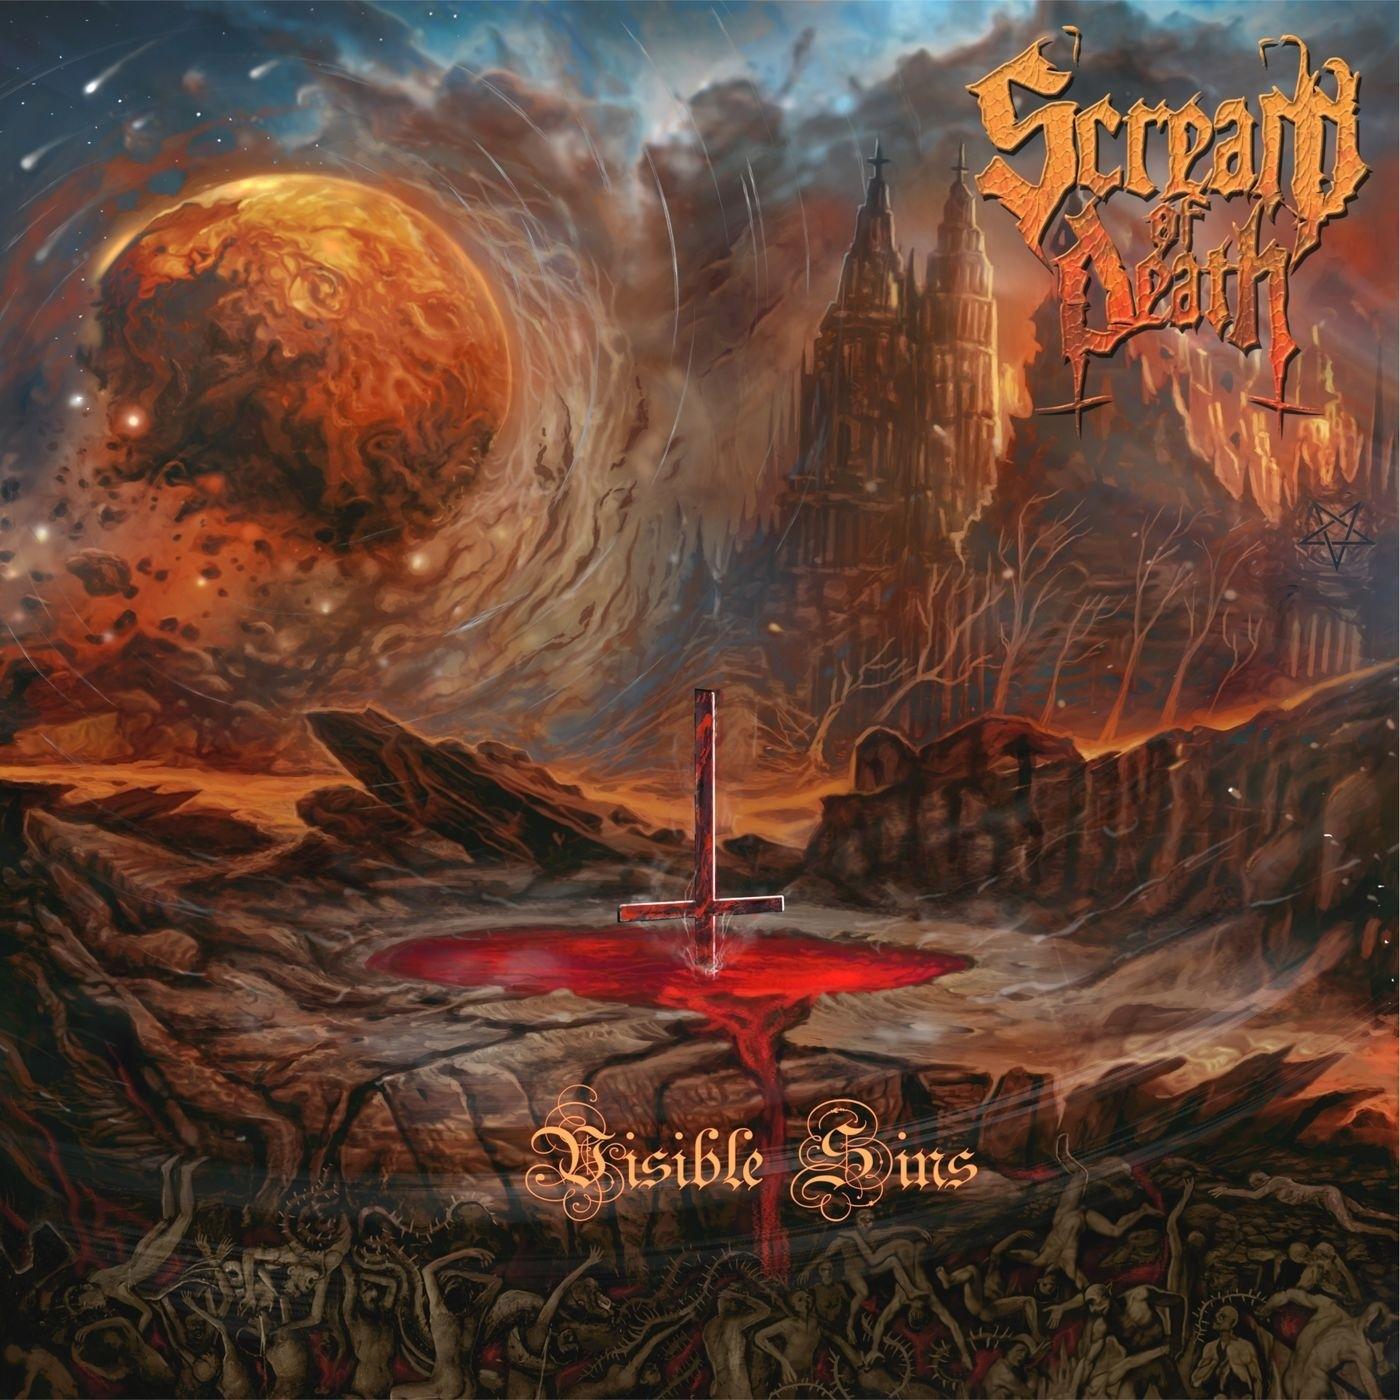 Scream of Death - Visible Sins